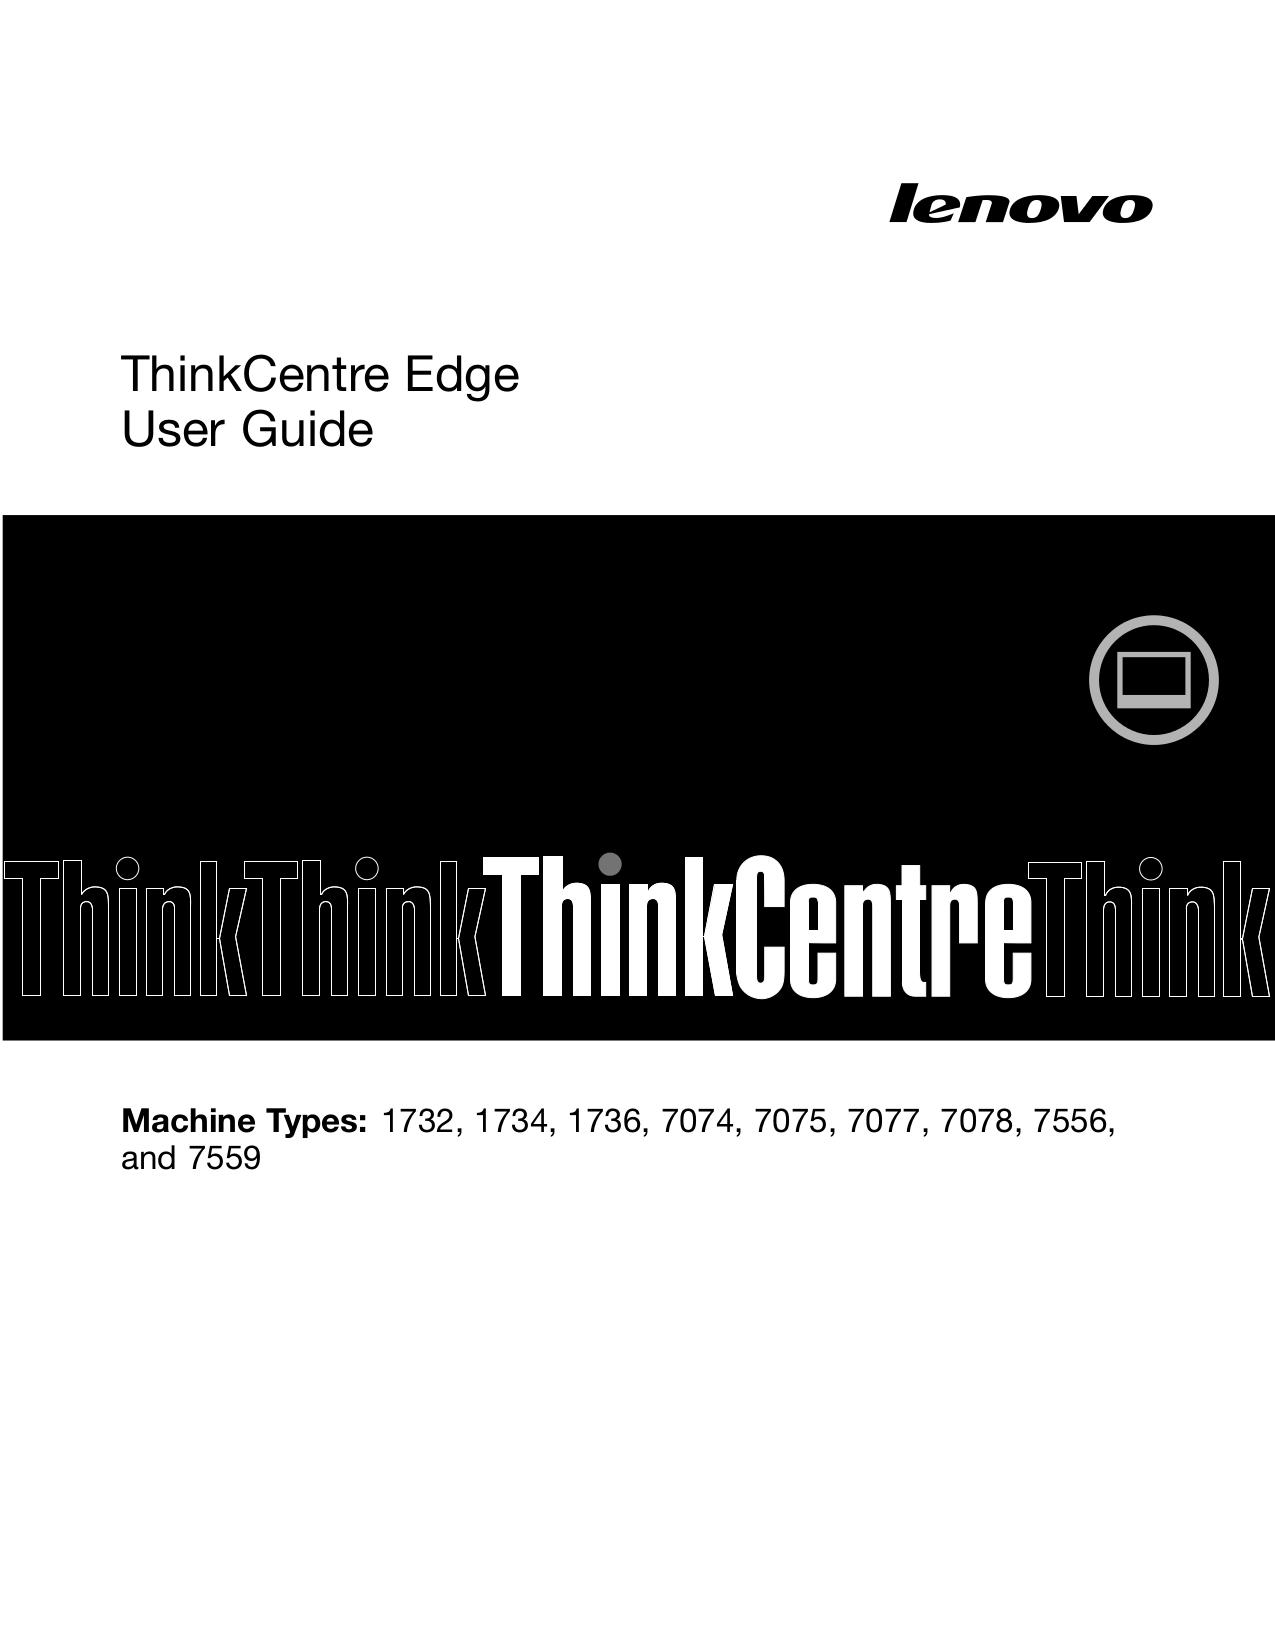 pdf for Lenovo Desktop ThinkCentre Edge 91z 7556 manual